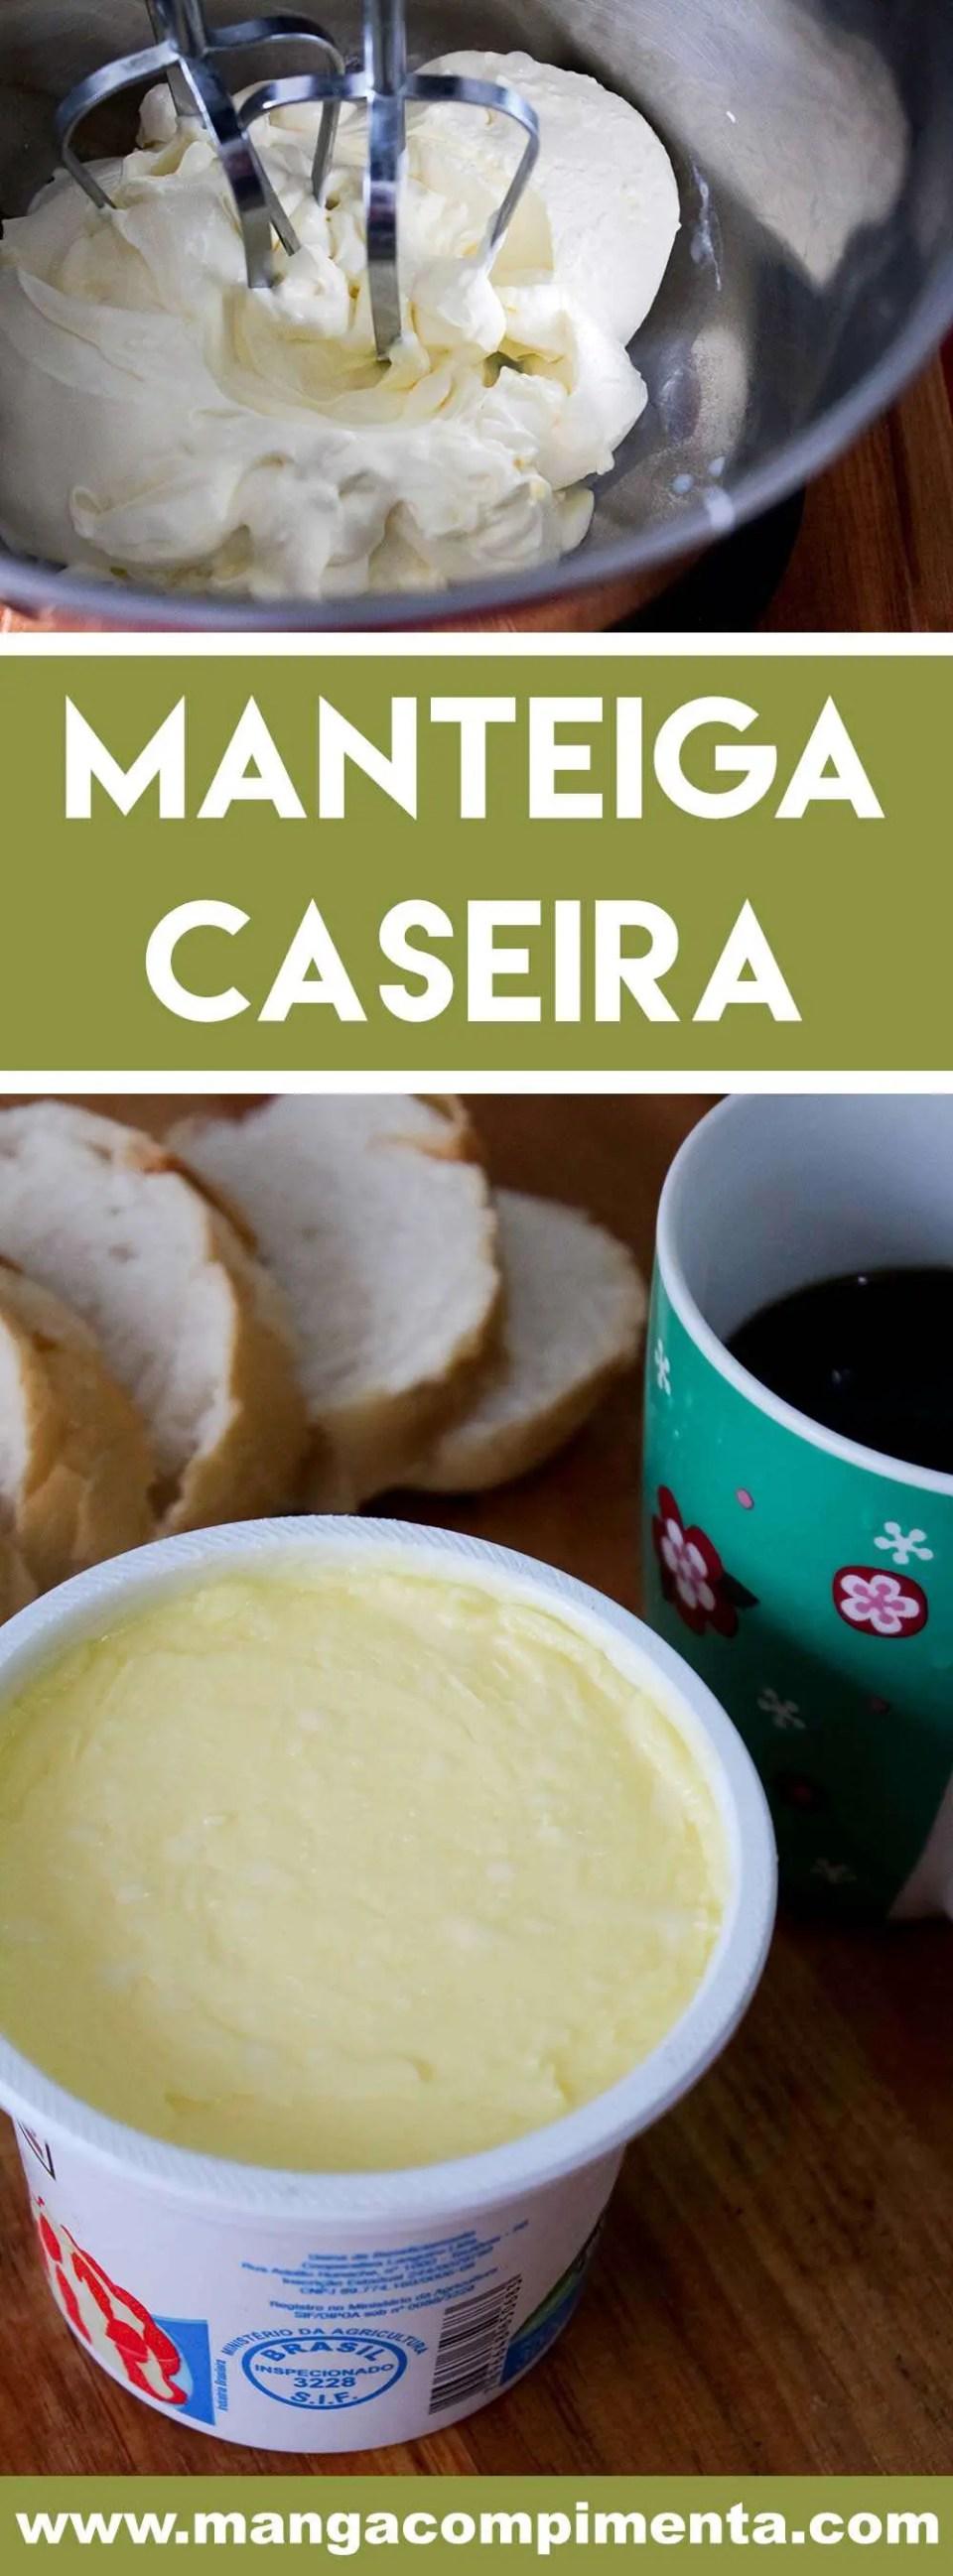 Aprenda a Como fazer Manteiga Caseira - veja como éfácil preparar essa delícia em casa.